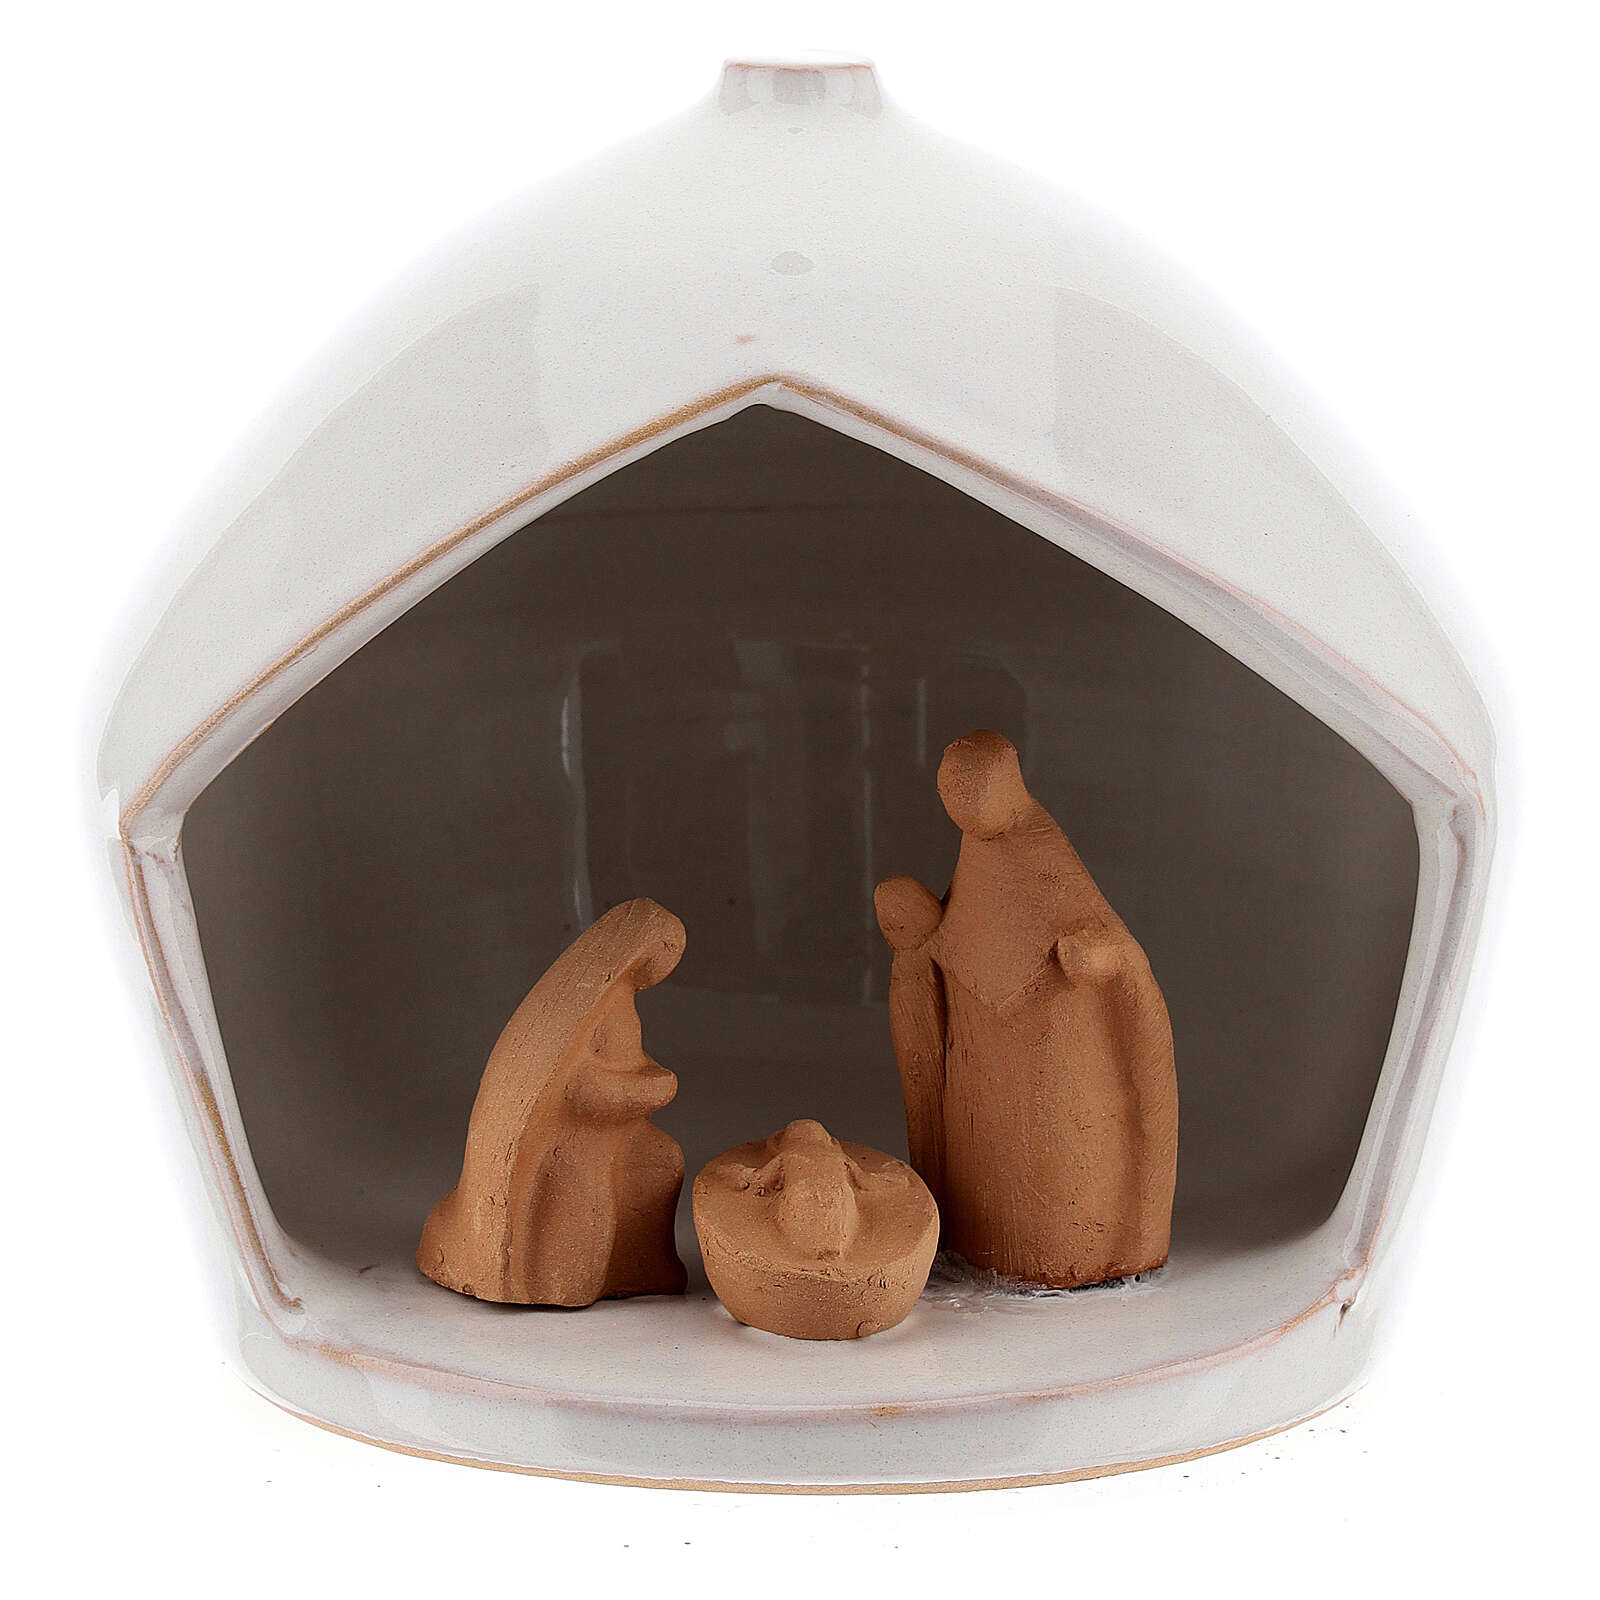 Cabane crèche Nativité bicolore terre cuite Deruta 12x11 cm 4